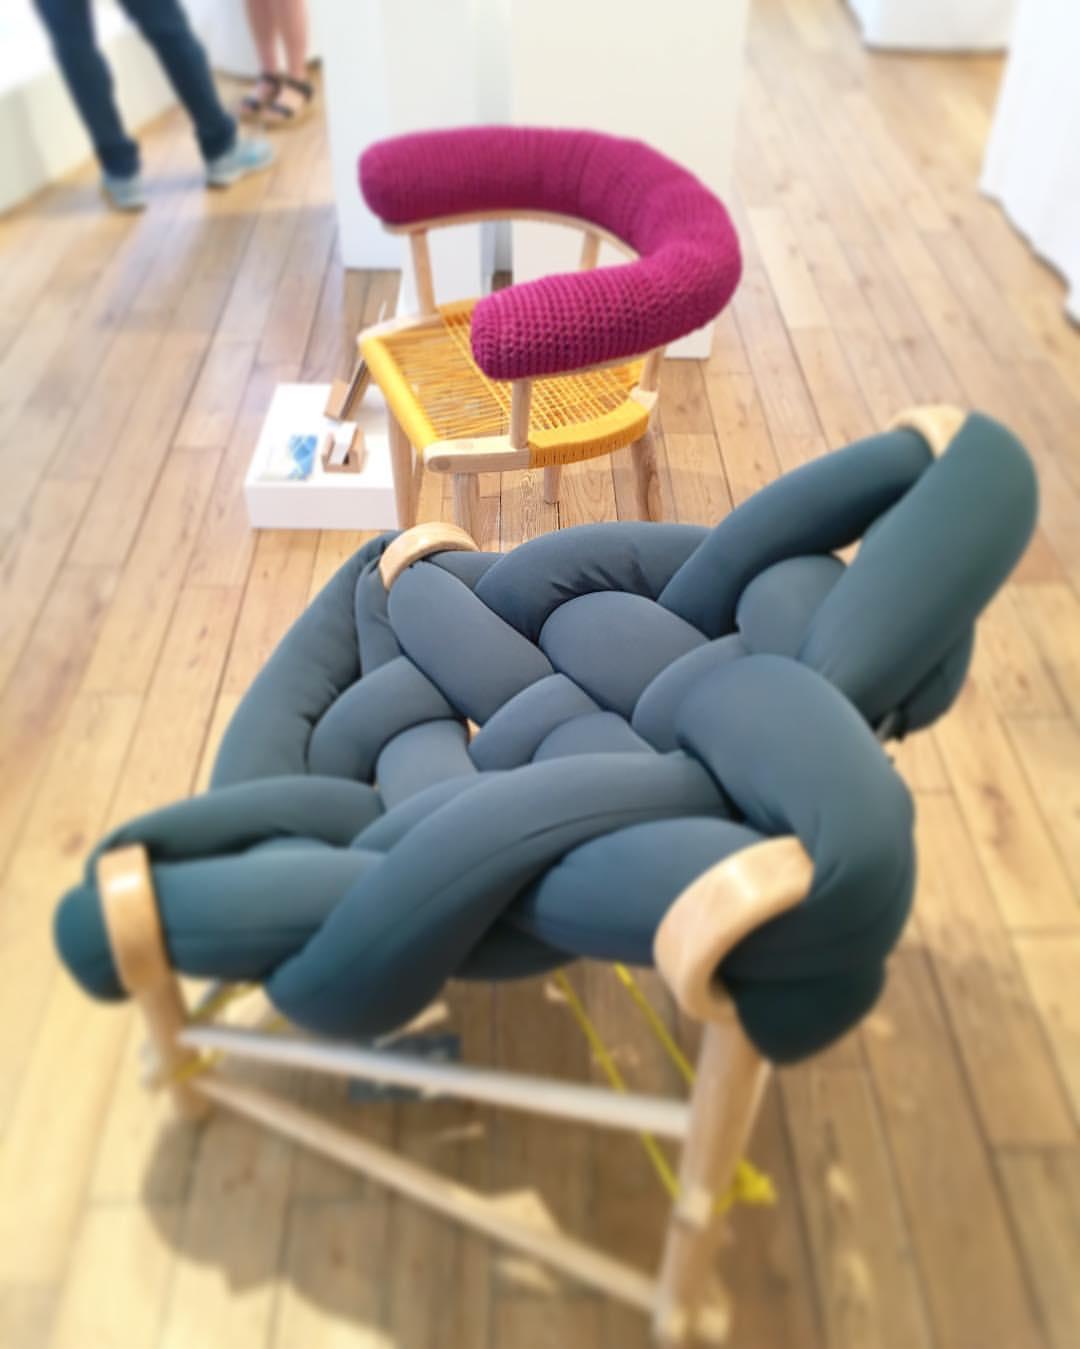 Кресло из теплых труб и петель